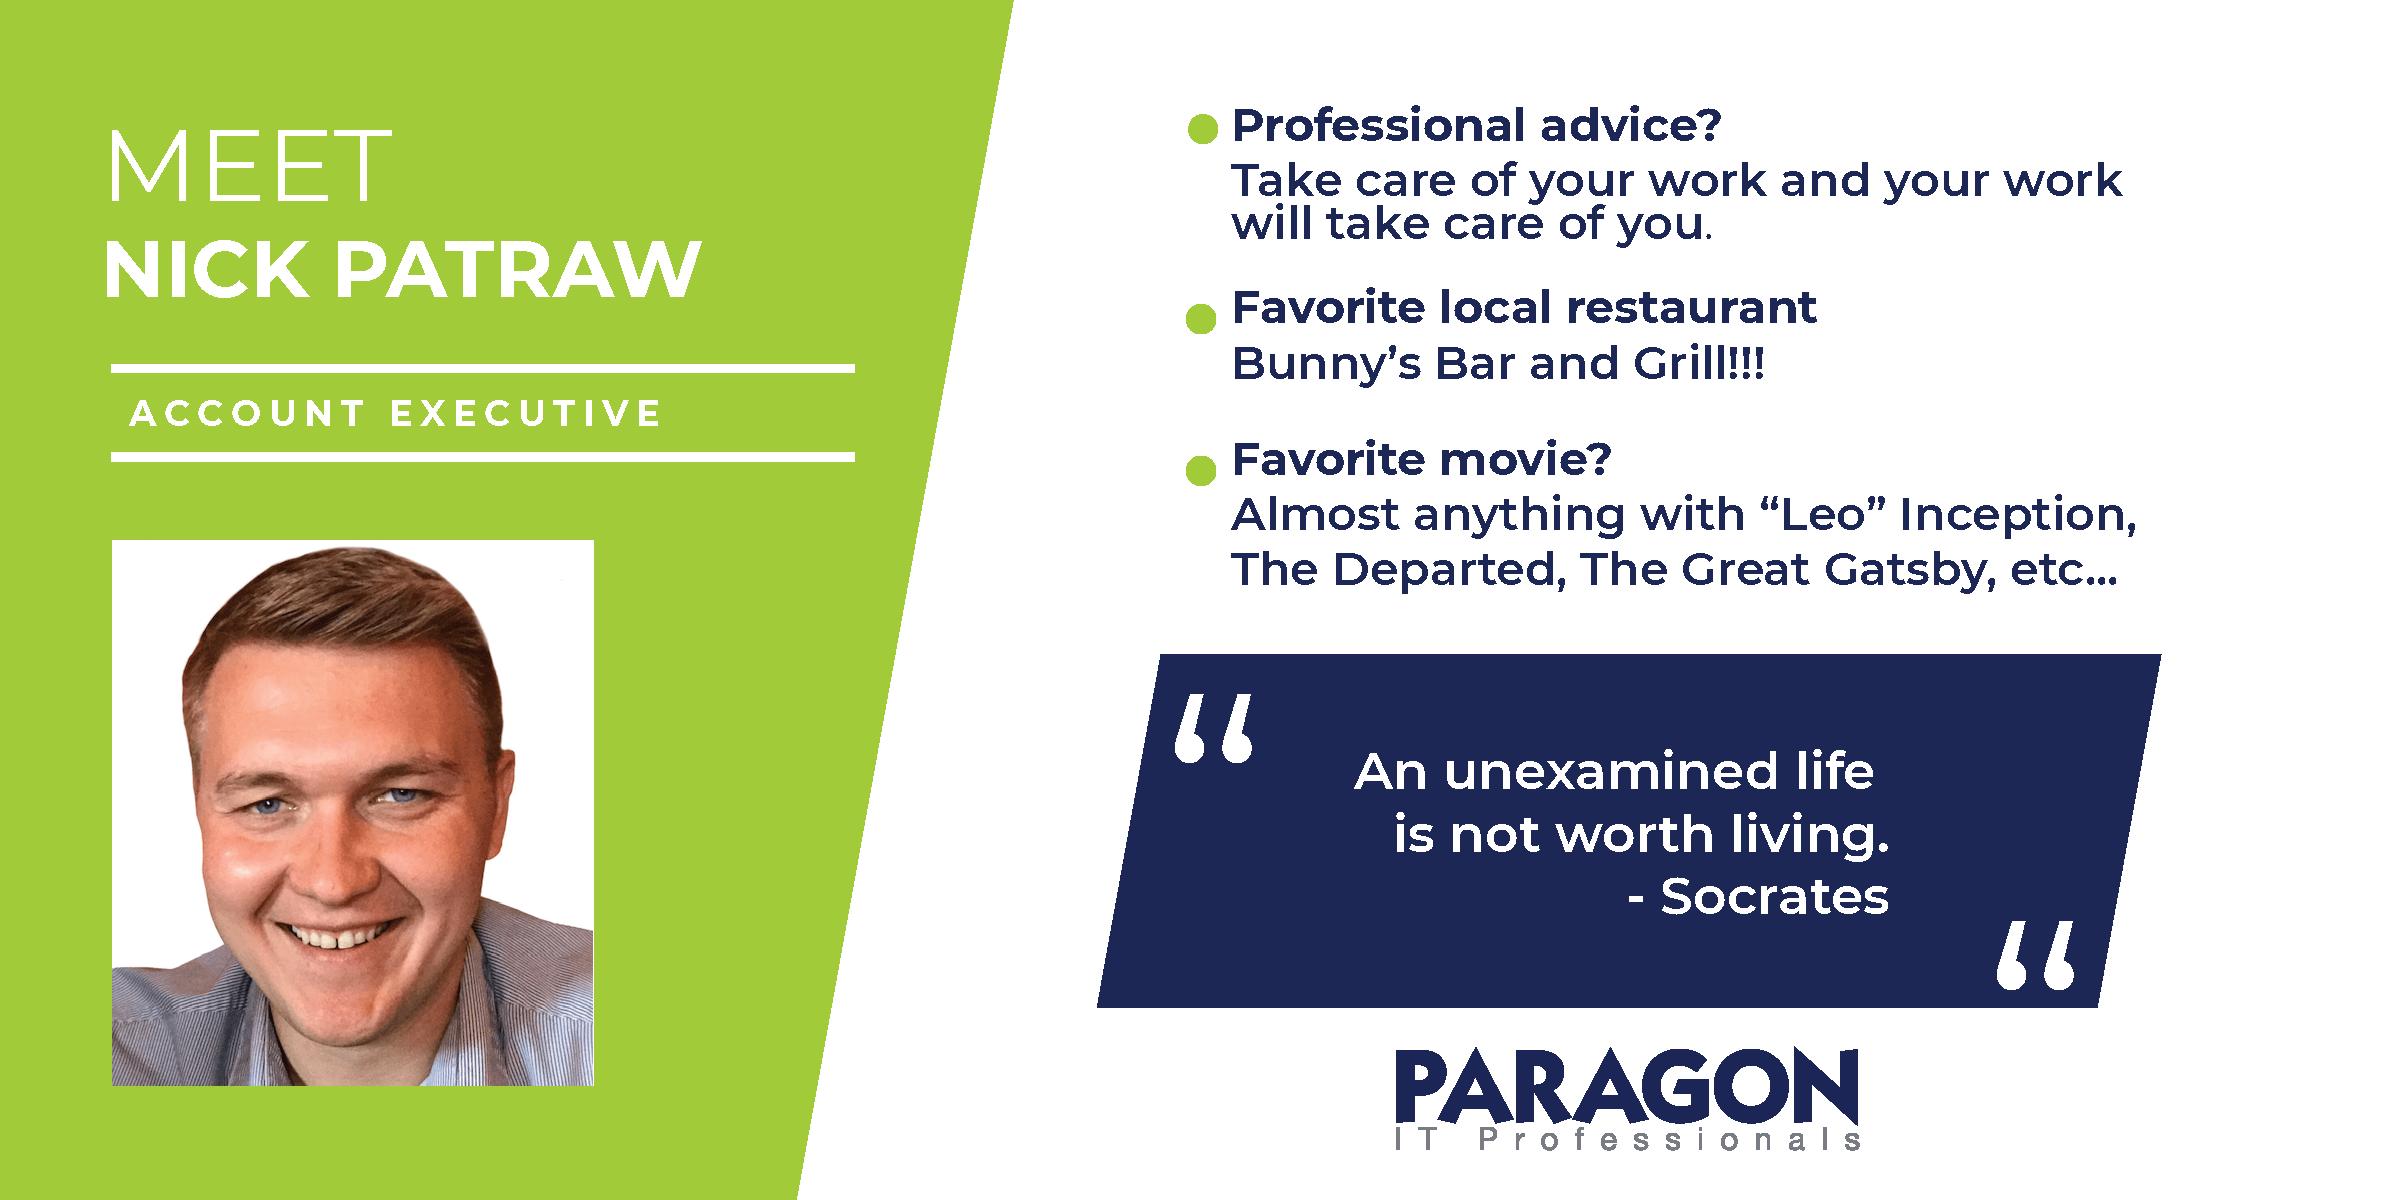 Meet Paragon Account Executive Nick Patraw